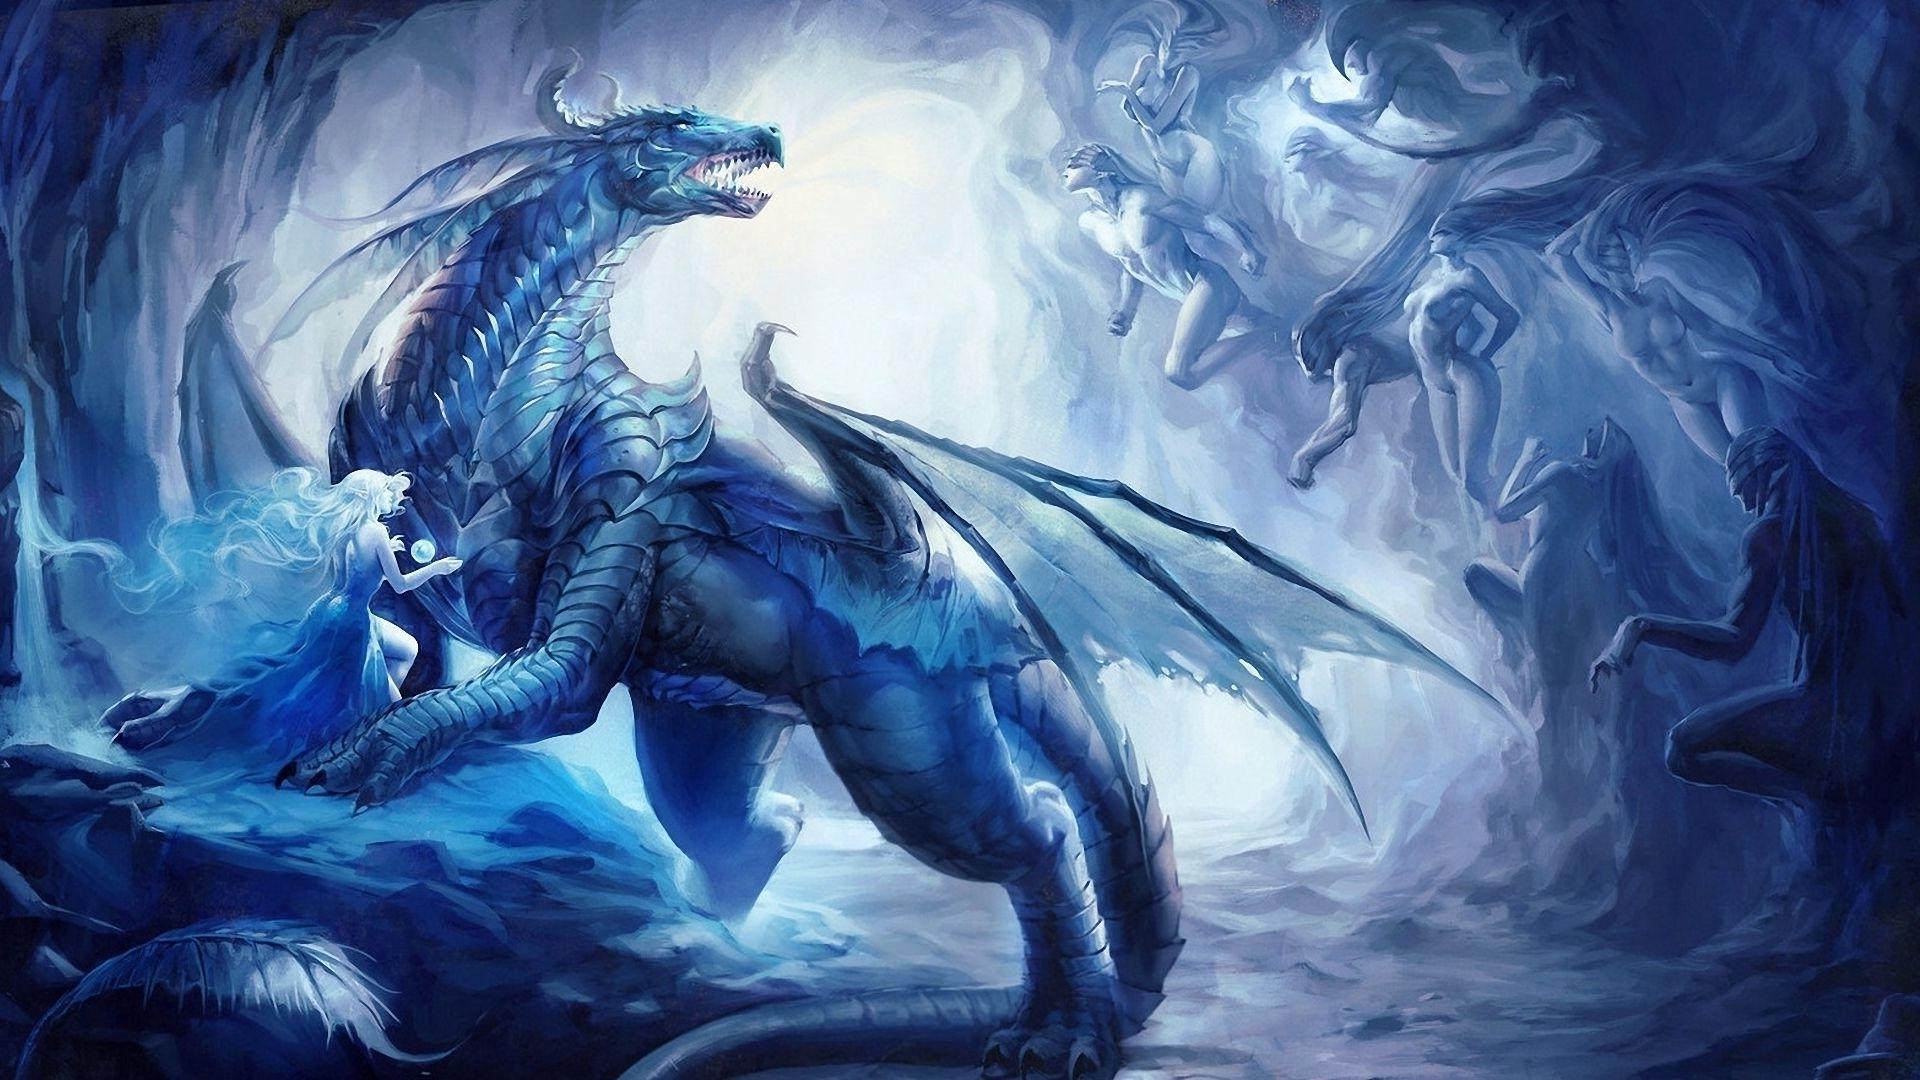 1920x1080px-KB-Blue-Dragon-wallpaper-wpc9001174